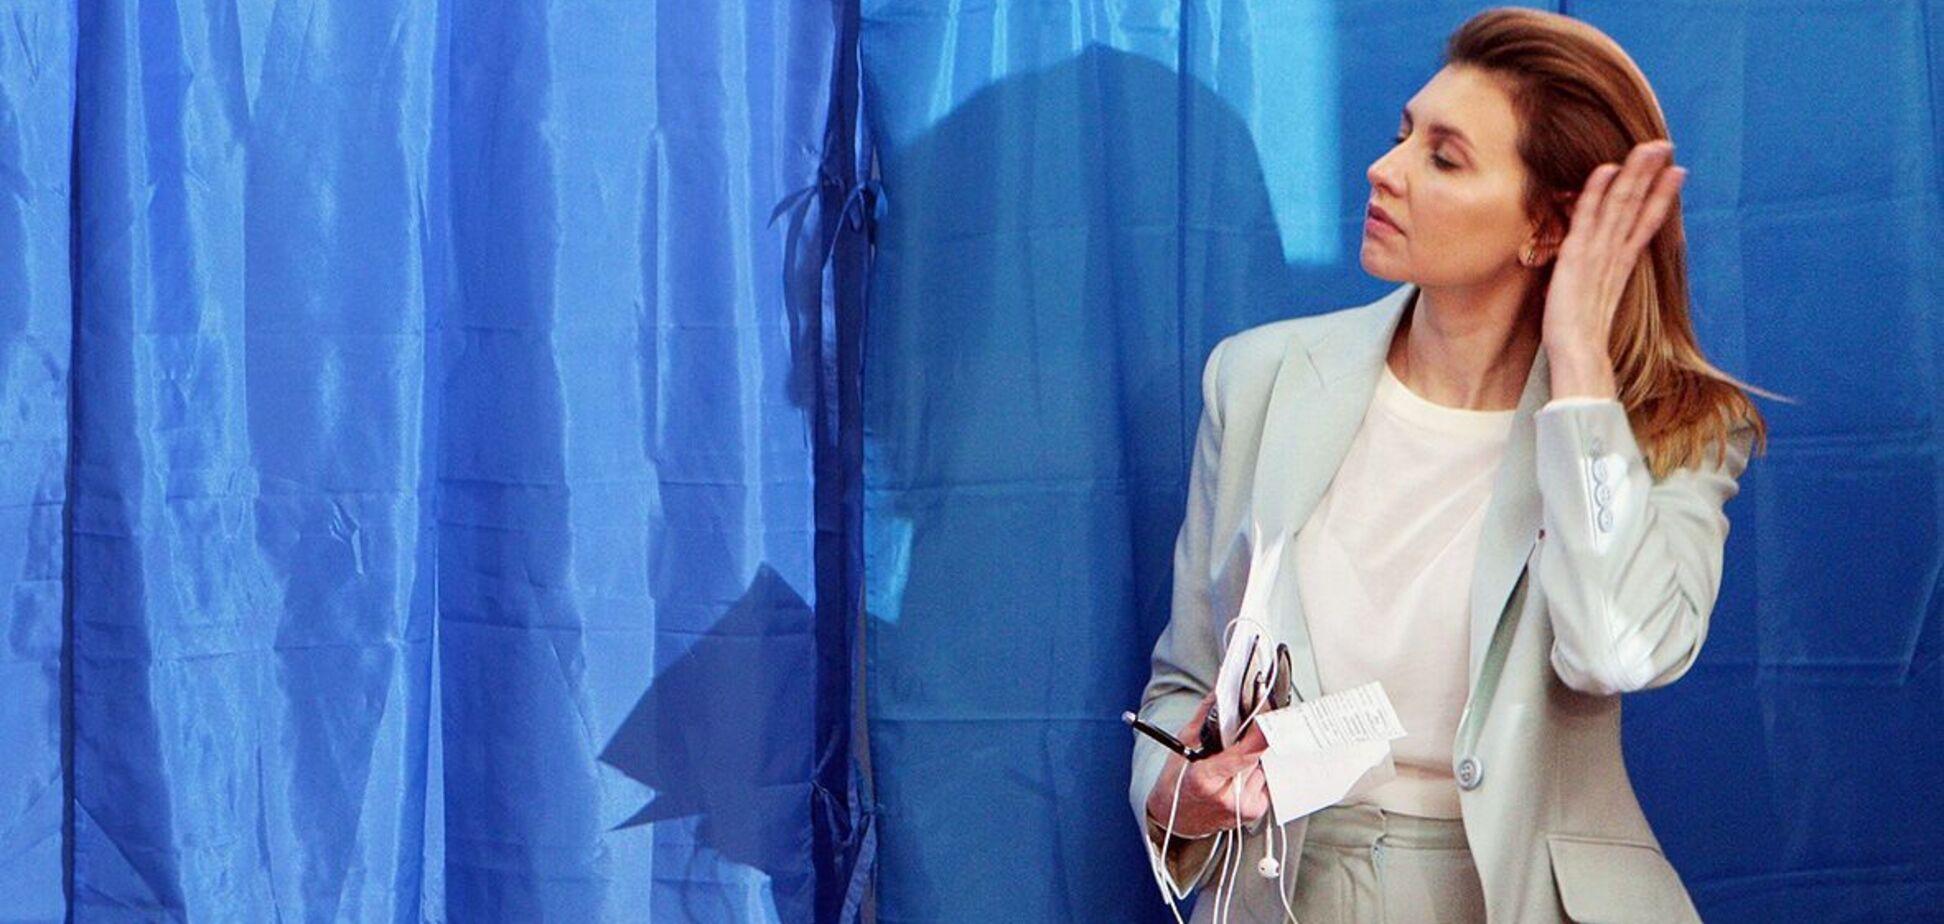 Зеленская появилась на публике в новом деловом образе: что выбрала первая леди. Фото